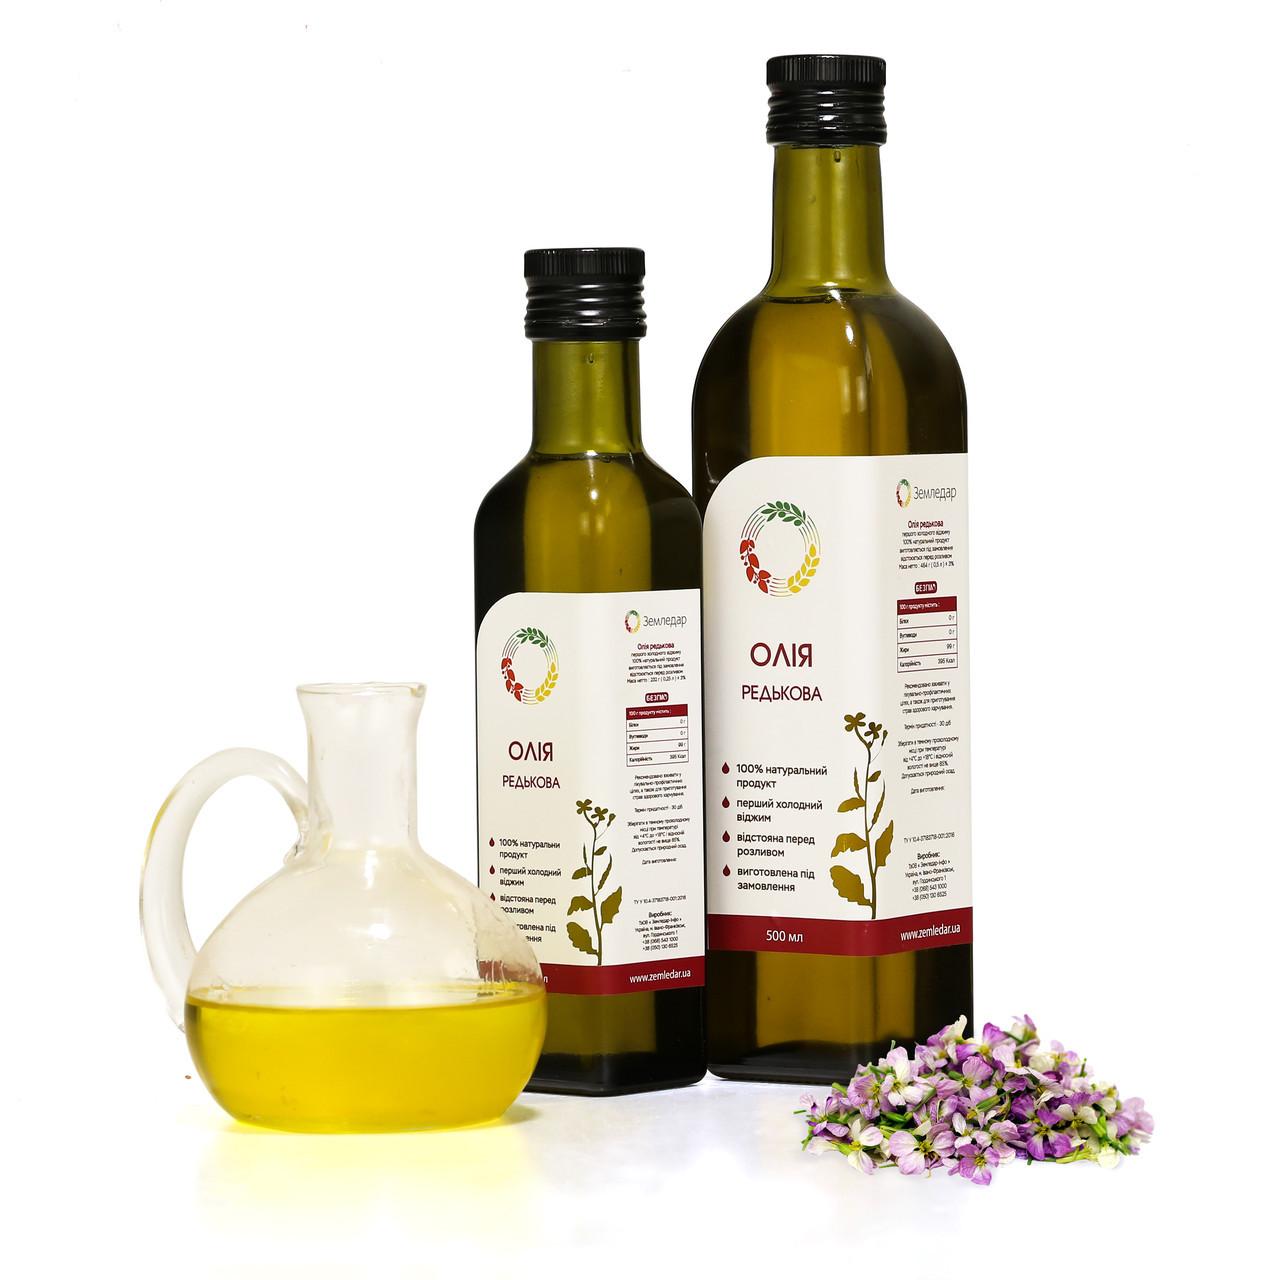 Редьковое масло 1 л сертифицированное без ГМО сыродавленное холодного отжима